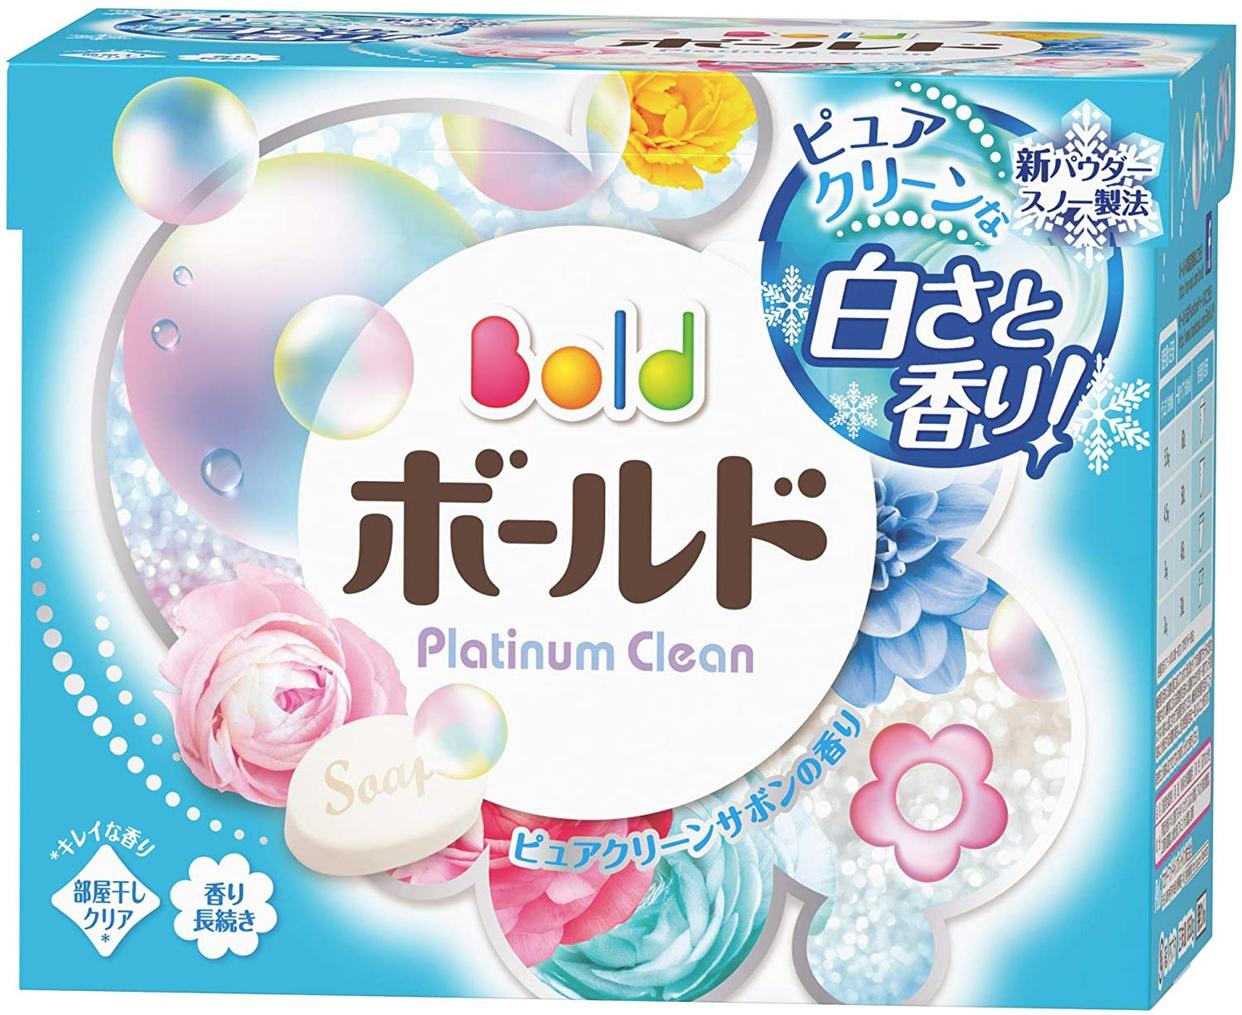 Bold(ボールド) プラチナクリーンの商品画像